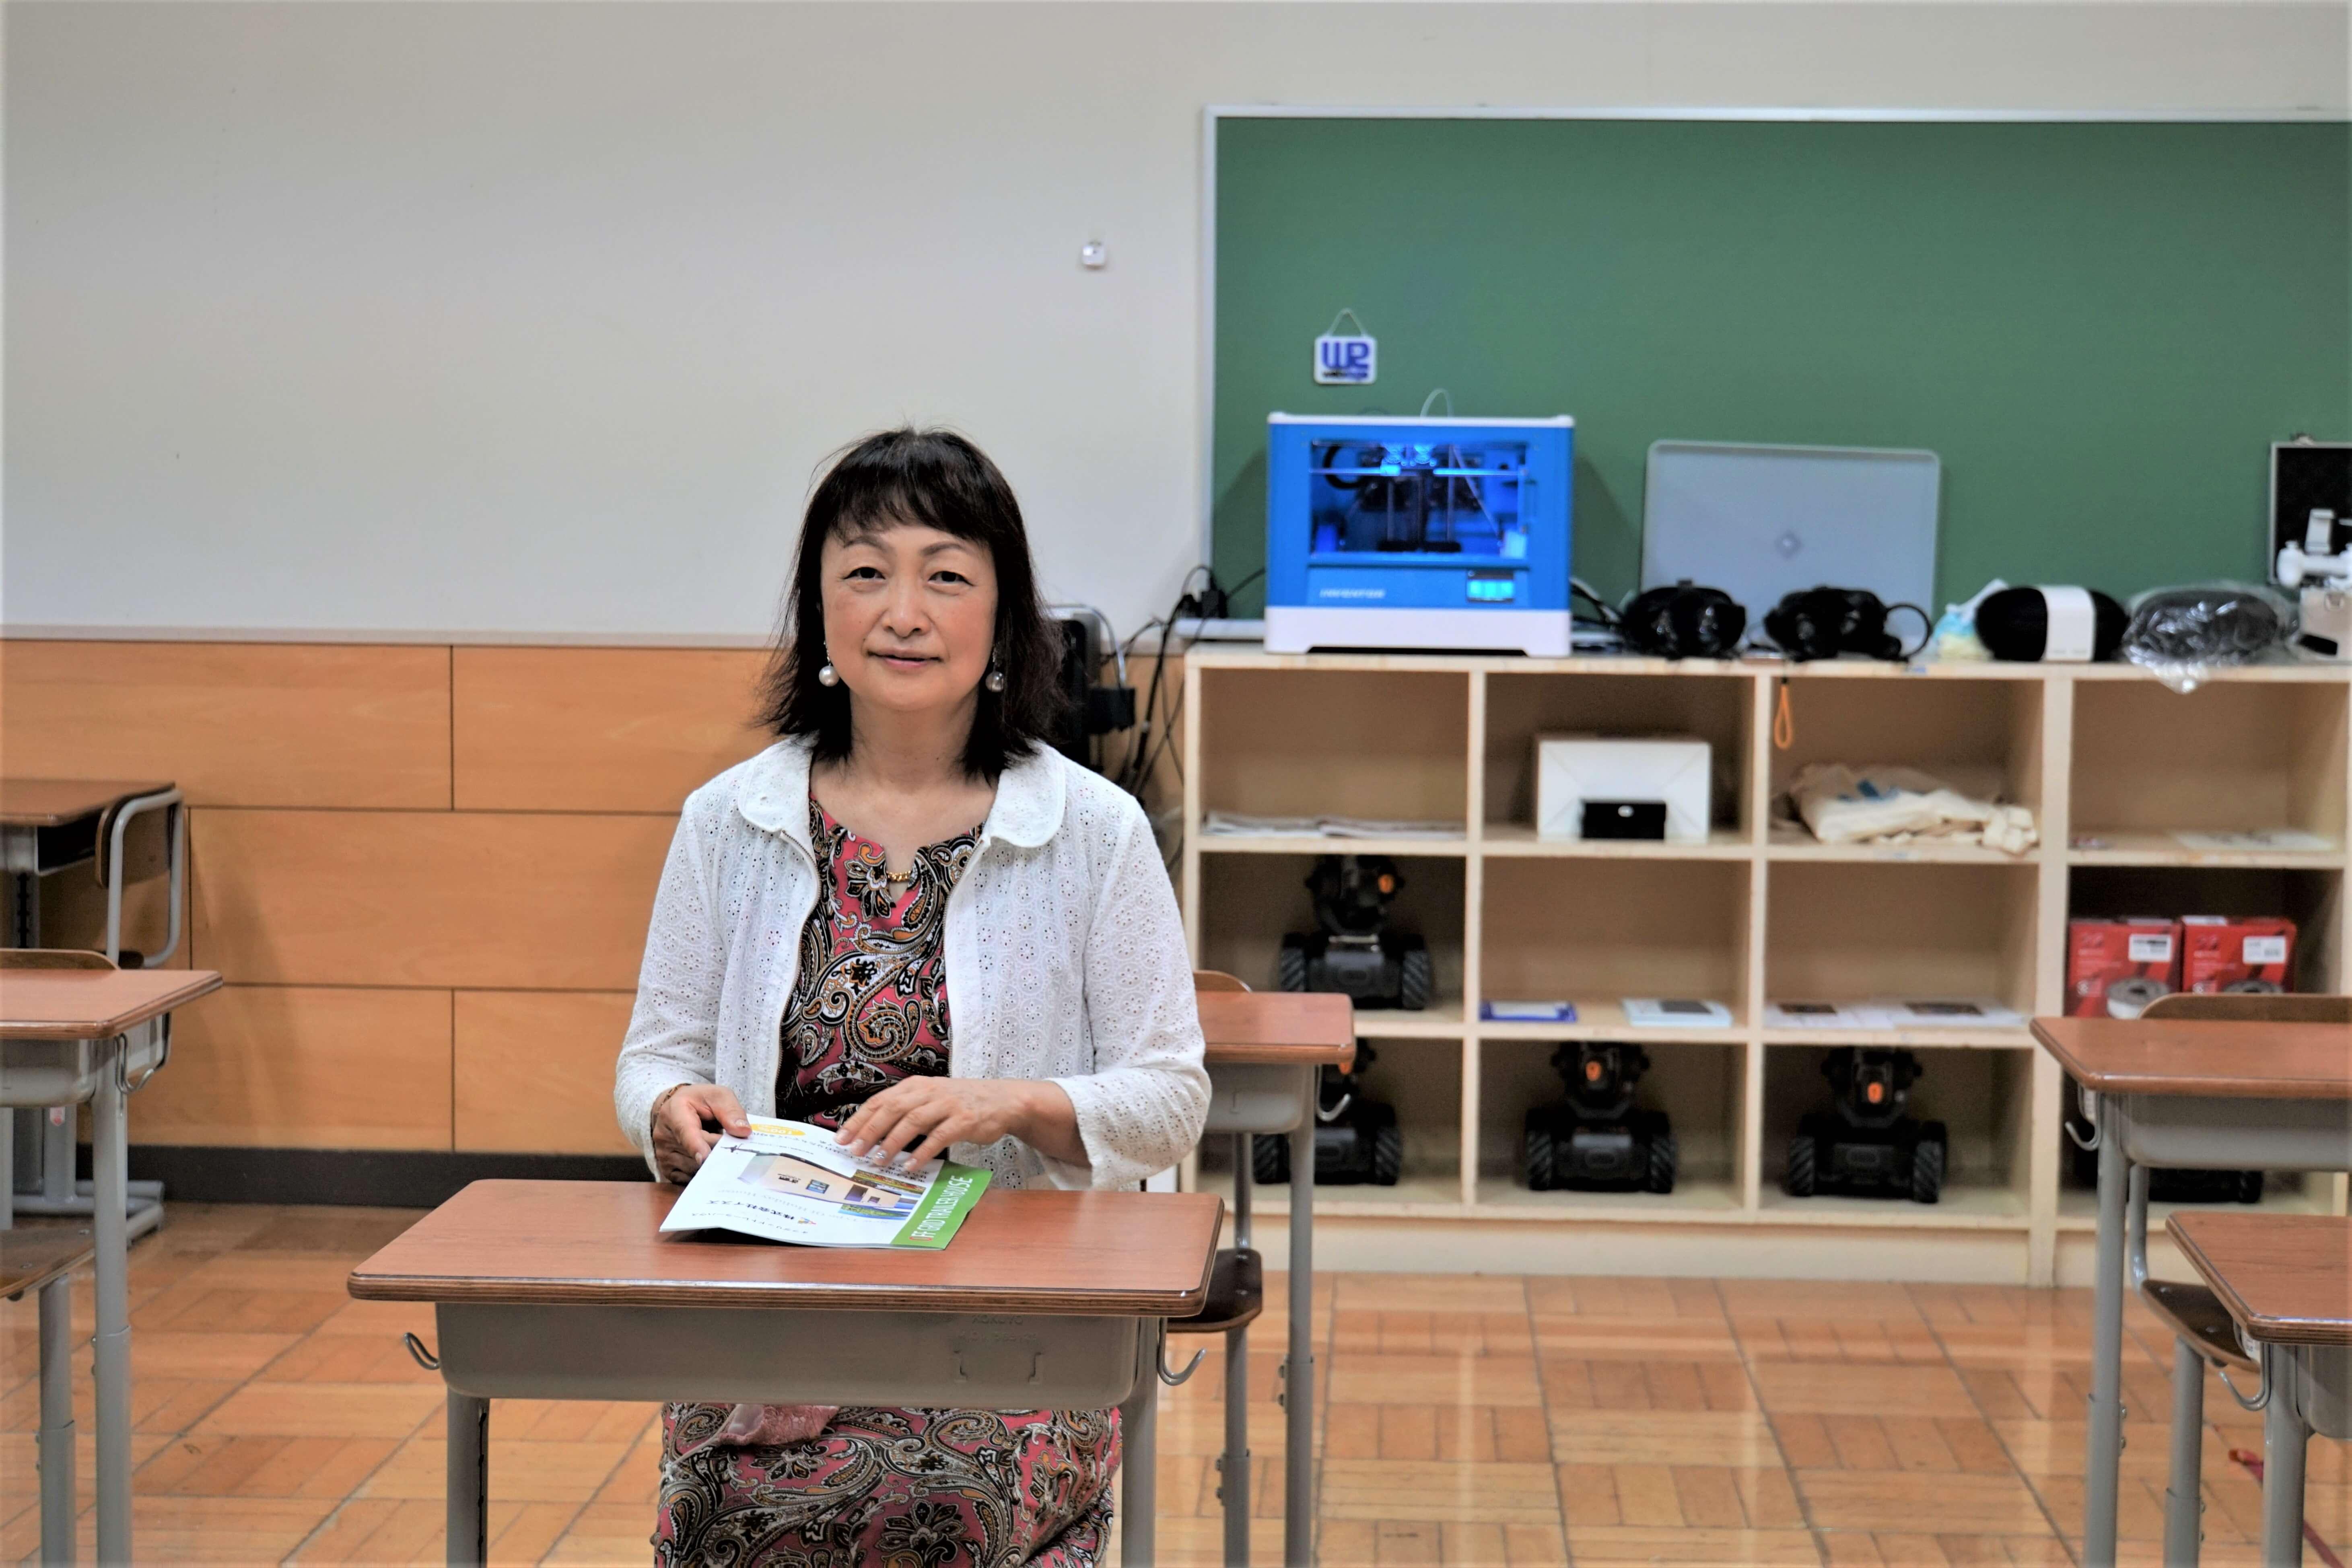 ICT教育研究家の上松恵理子 博士(教育学)がウェブレッジのICT教育事業分野におけるアドバイザーに就任